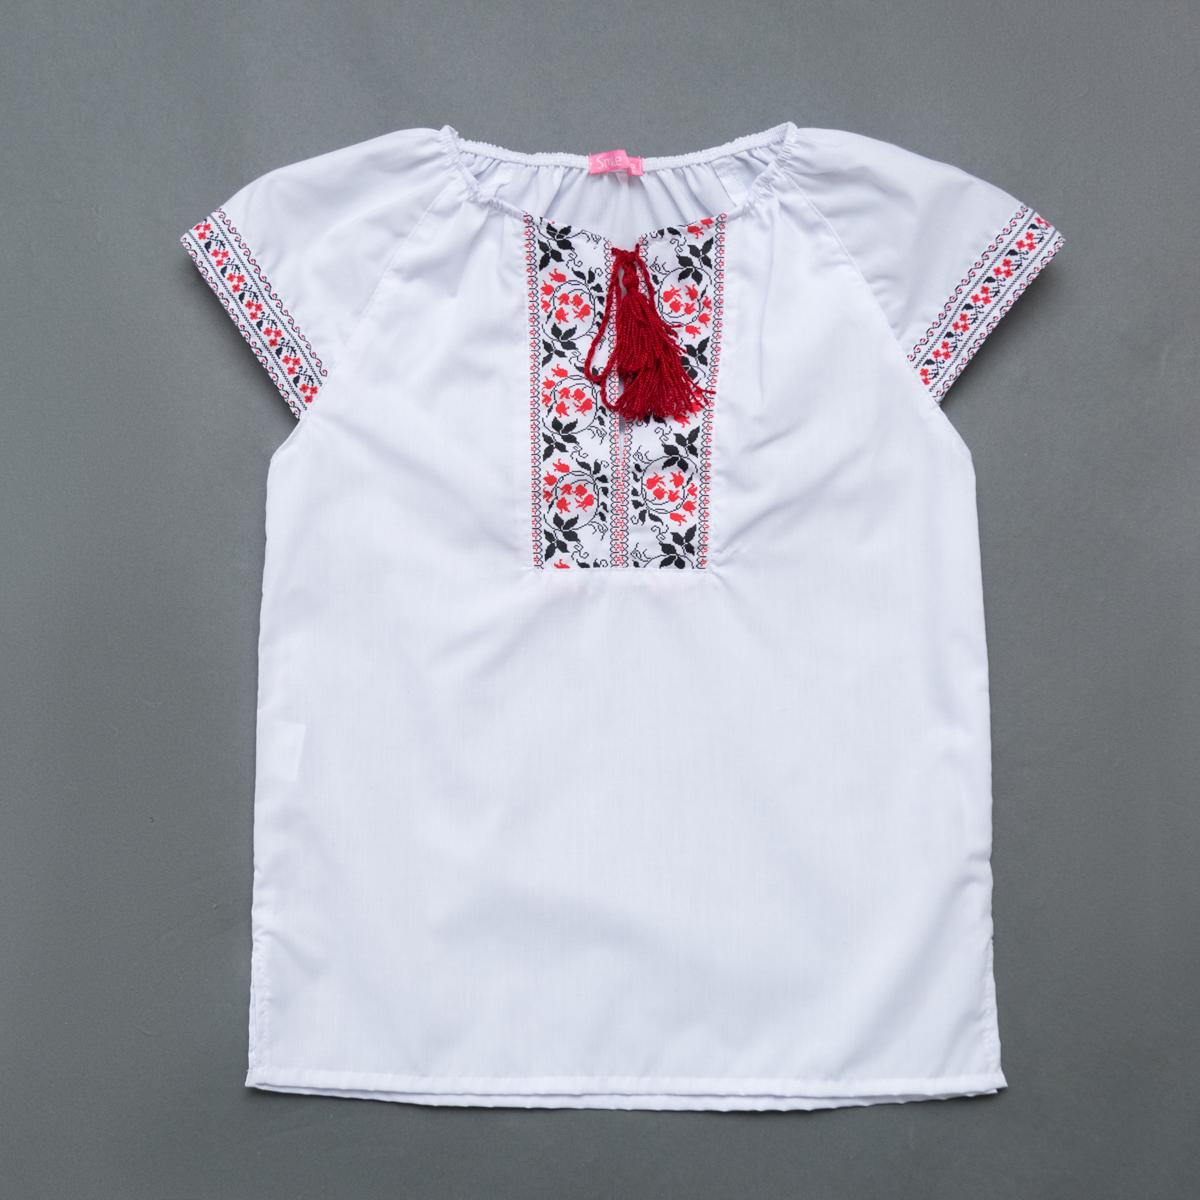 Вышиванка для девочки SmileTime Ethnic, красный узор